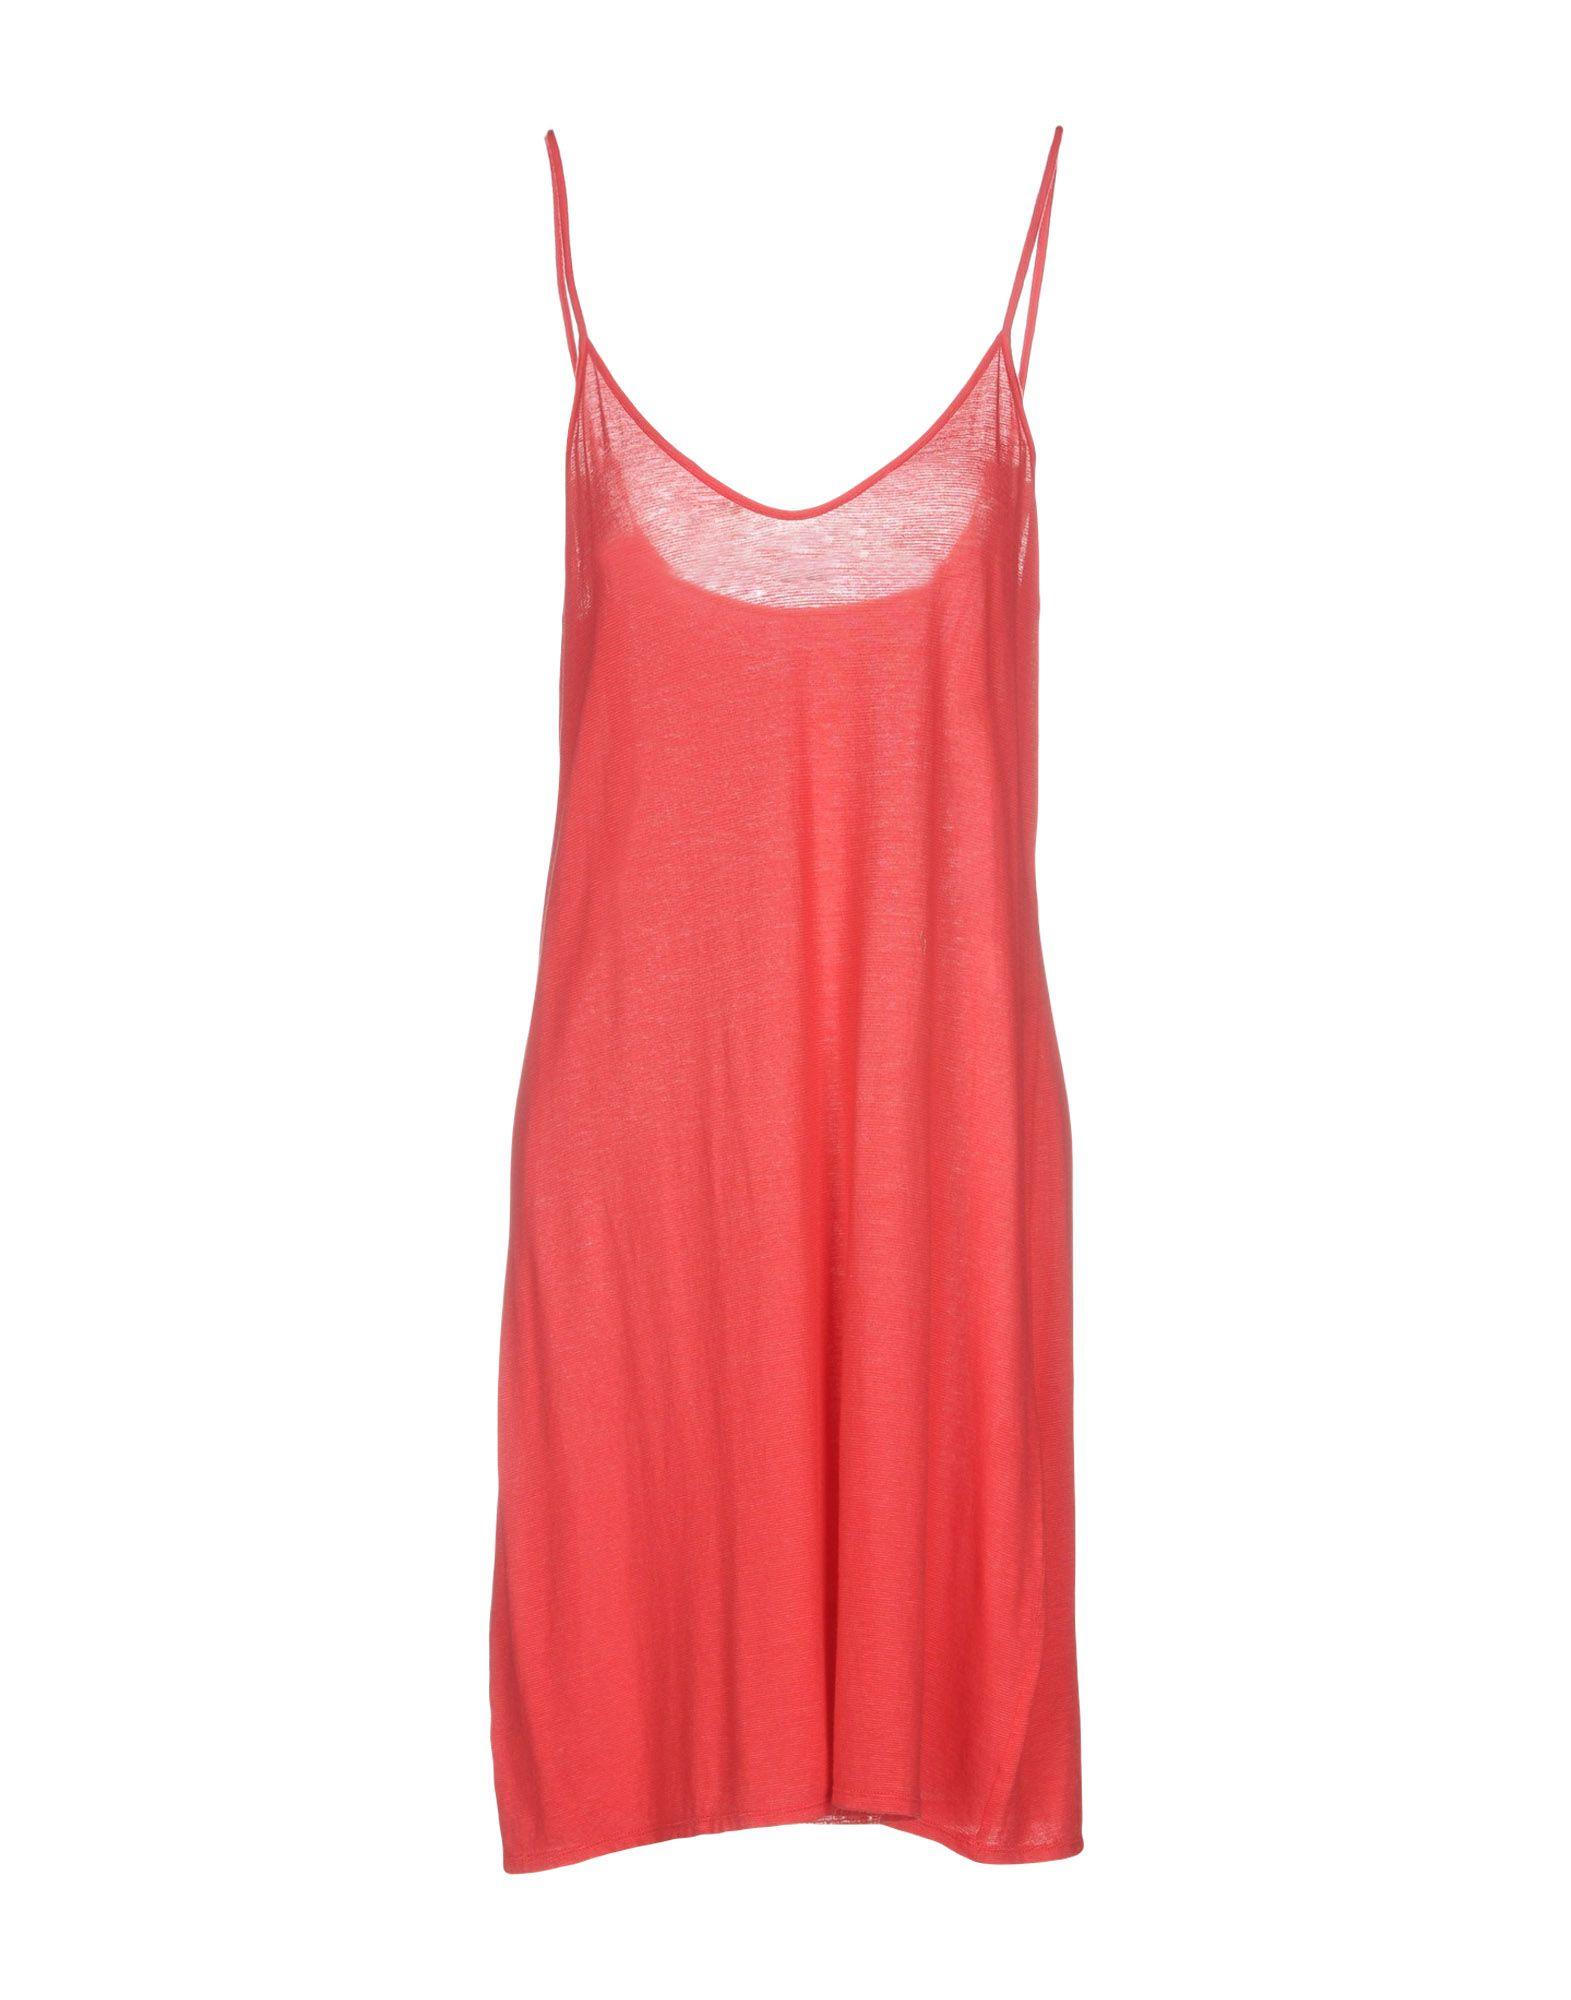 SITA MURT/ Короткое платье платье